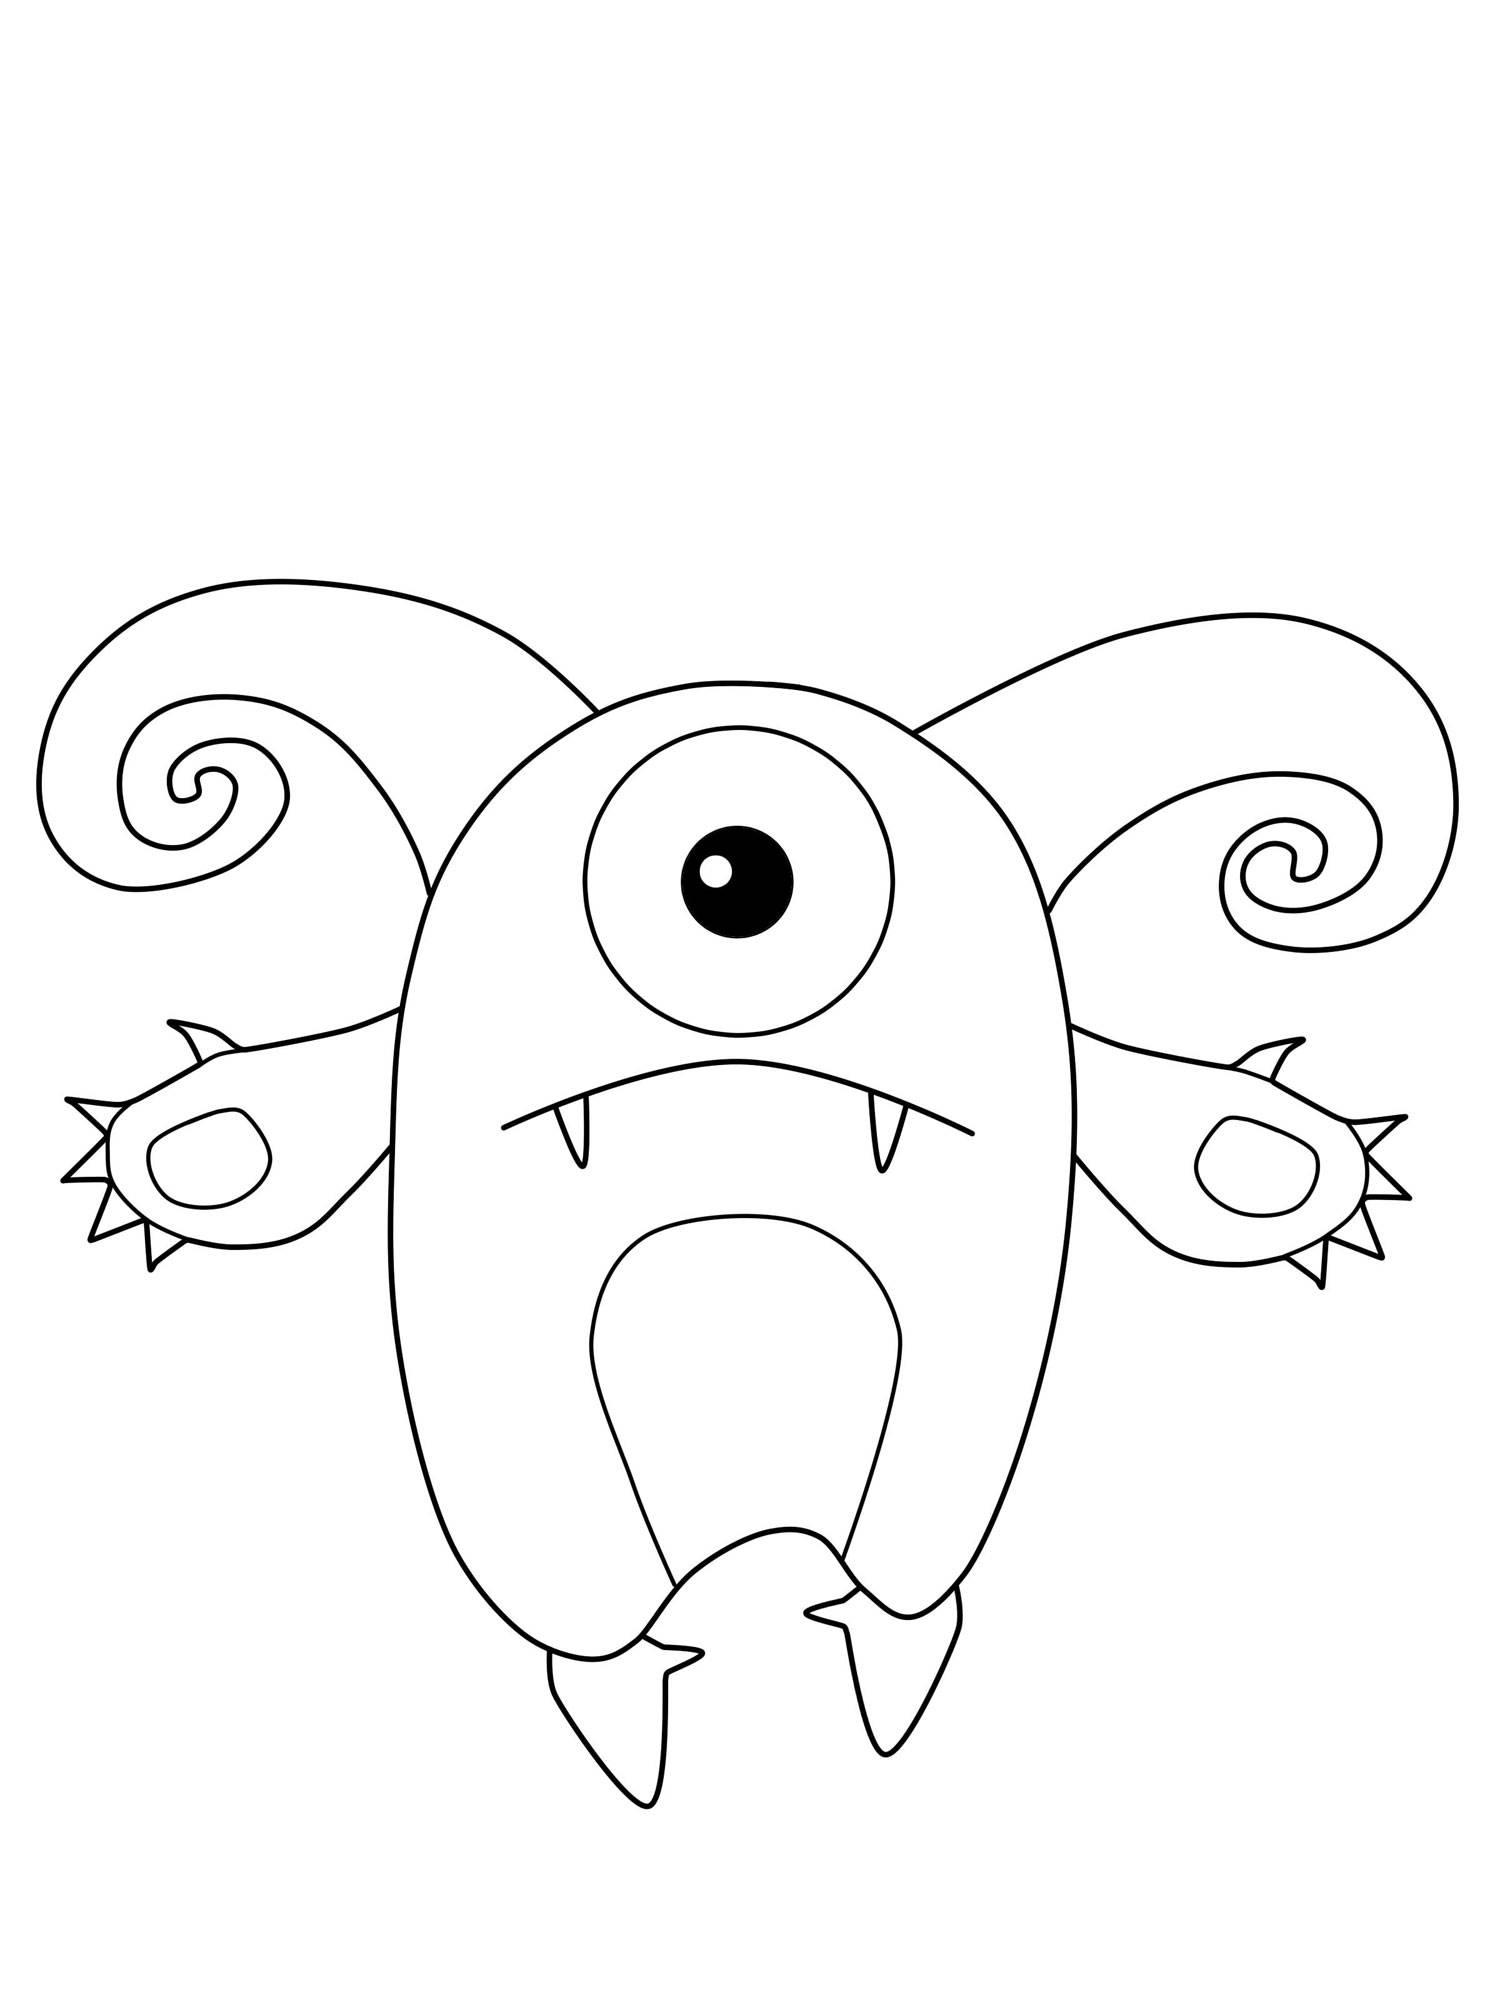 Kostenlose Malvorlage Halloween Einäugiges Monster mit Hörnern zum Ausmalen